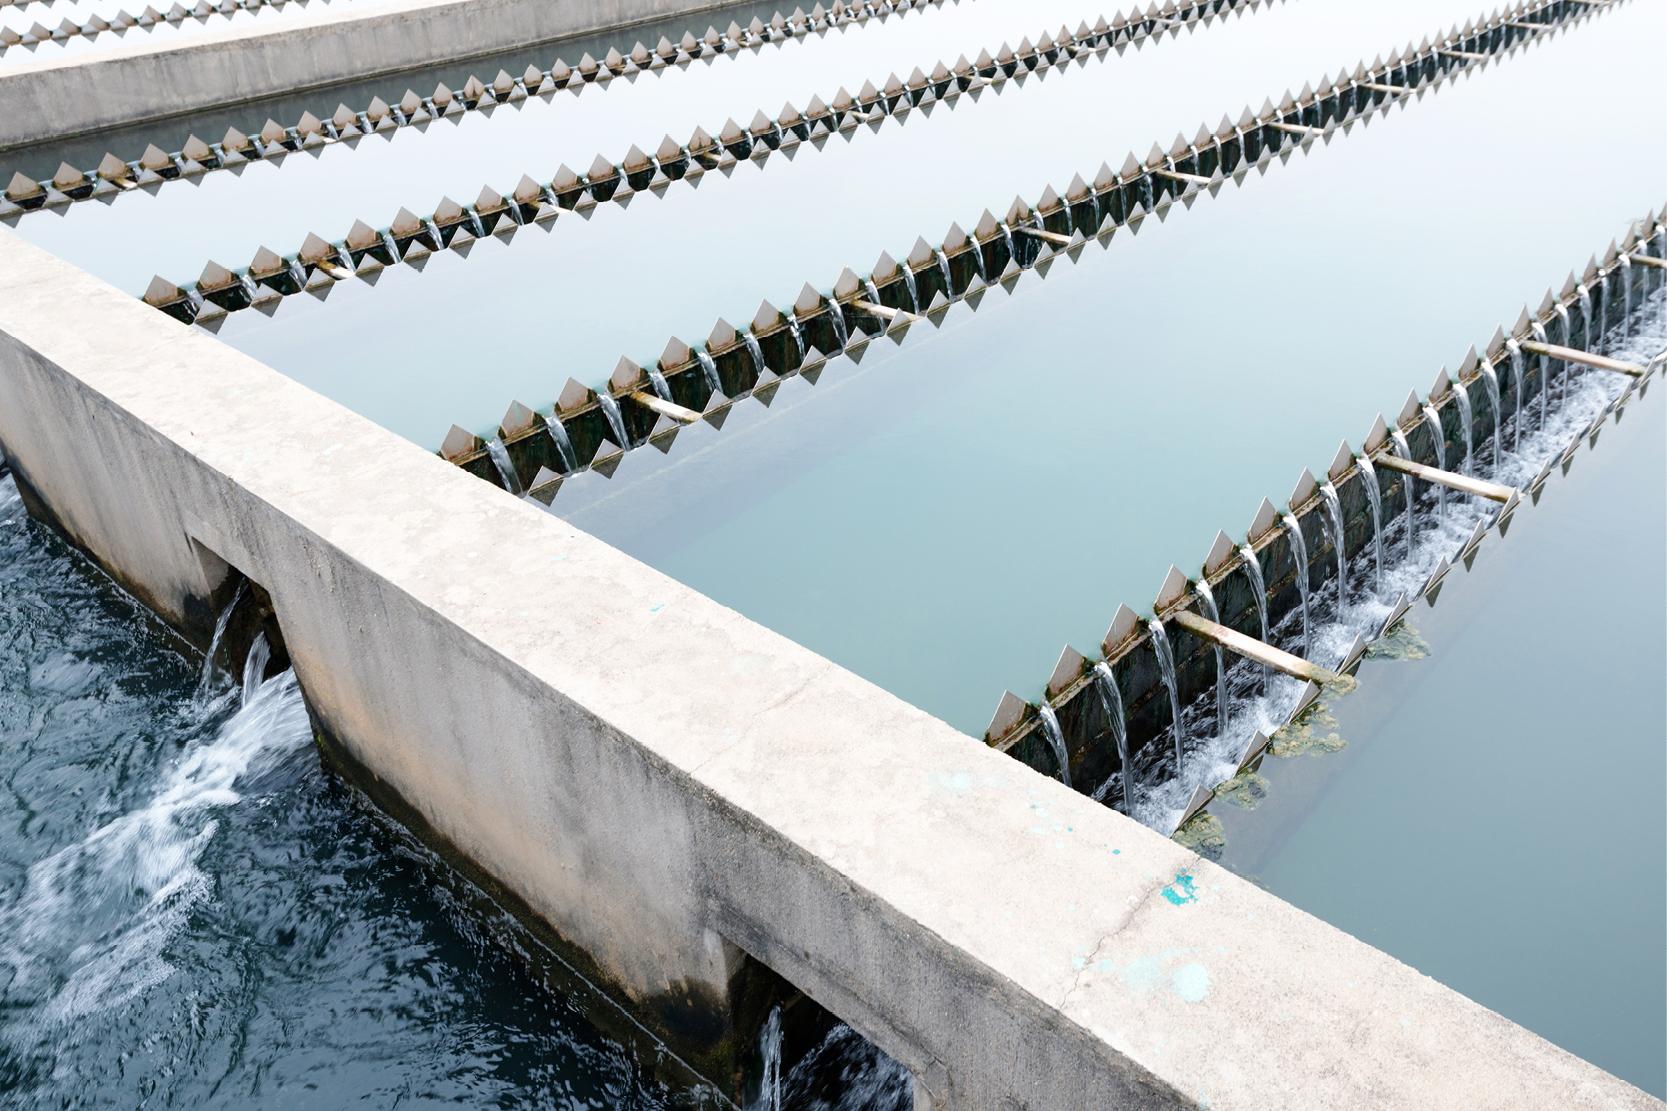 Tuberias-Procesamiento-de-Agua-Cirko-Engineering-3.jpg